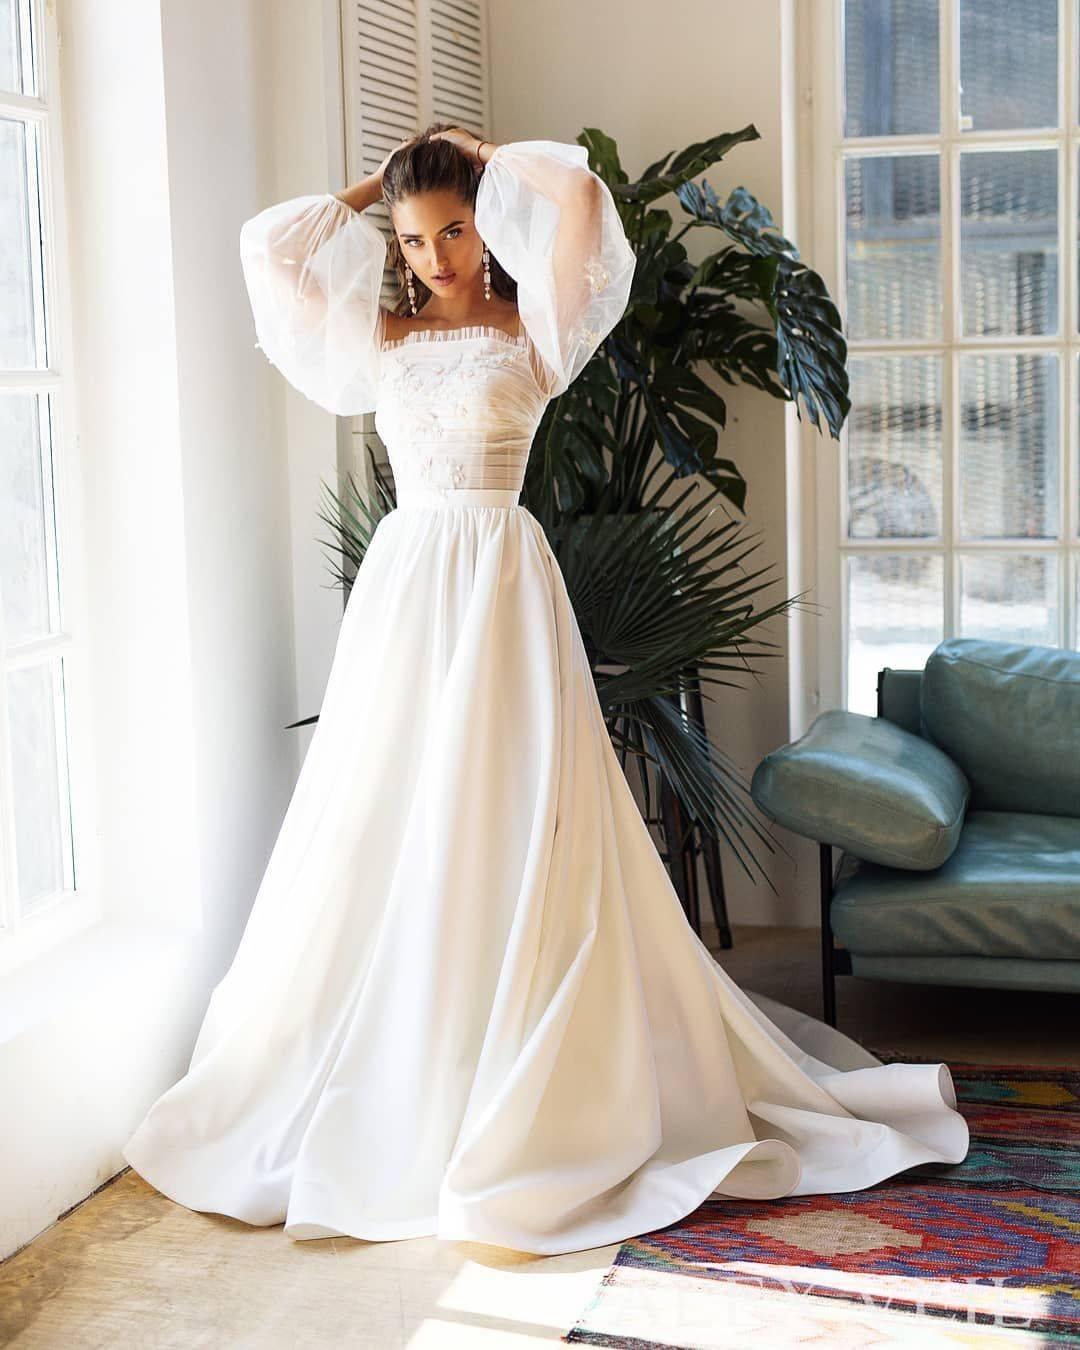 Фасоны платьев: популярные и редкие, по силуэту, крою верха и низа, свободные и национальные